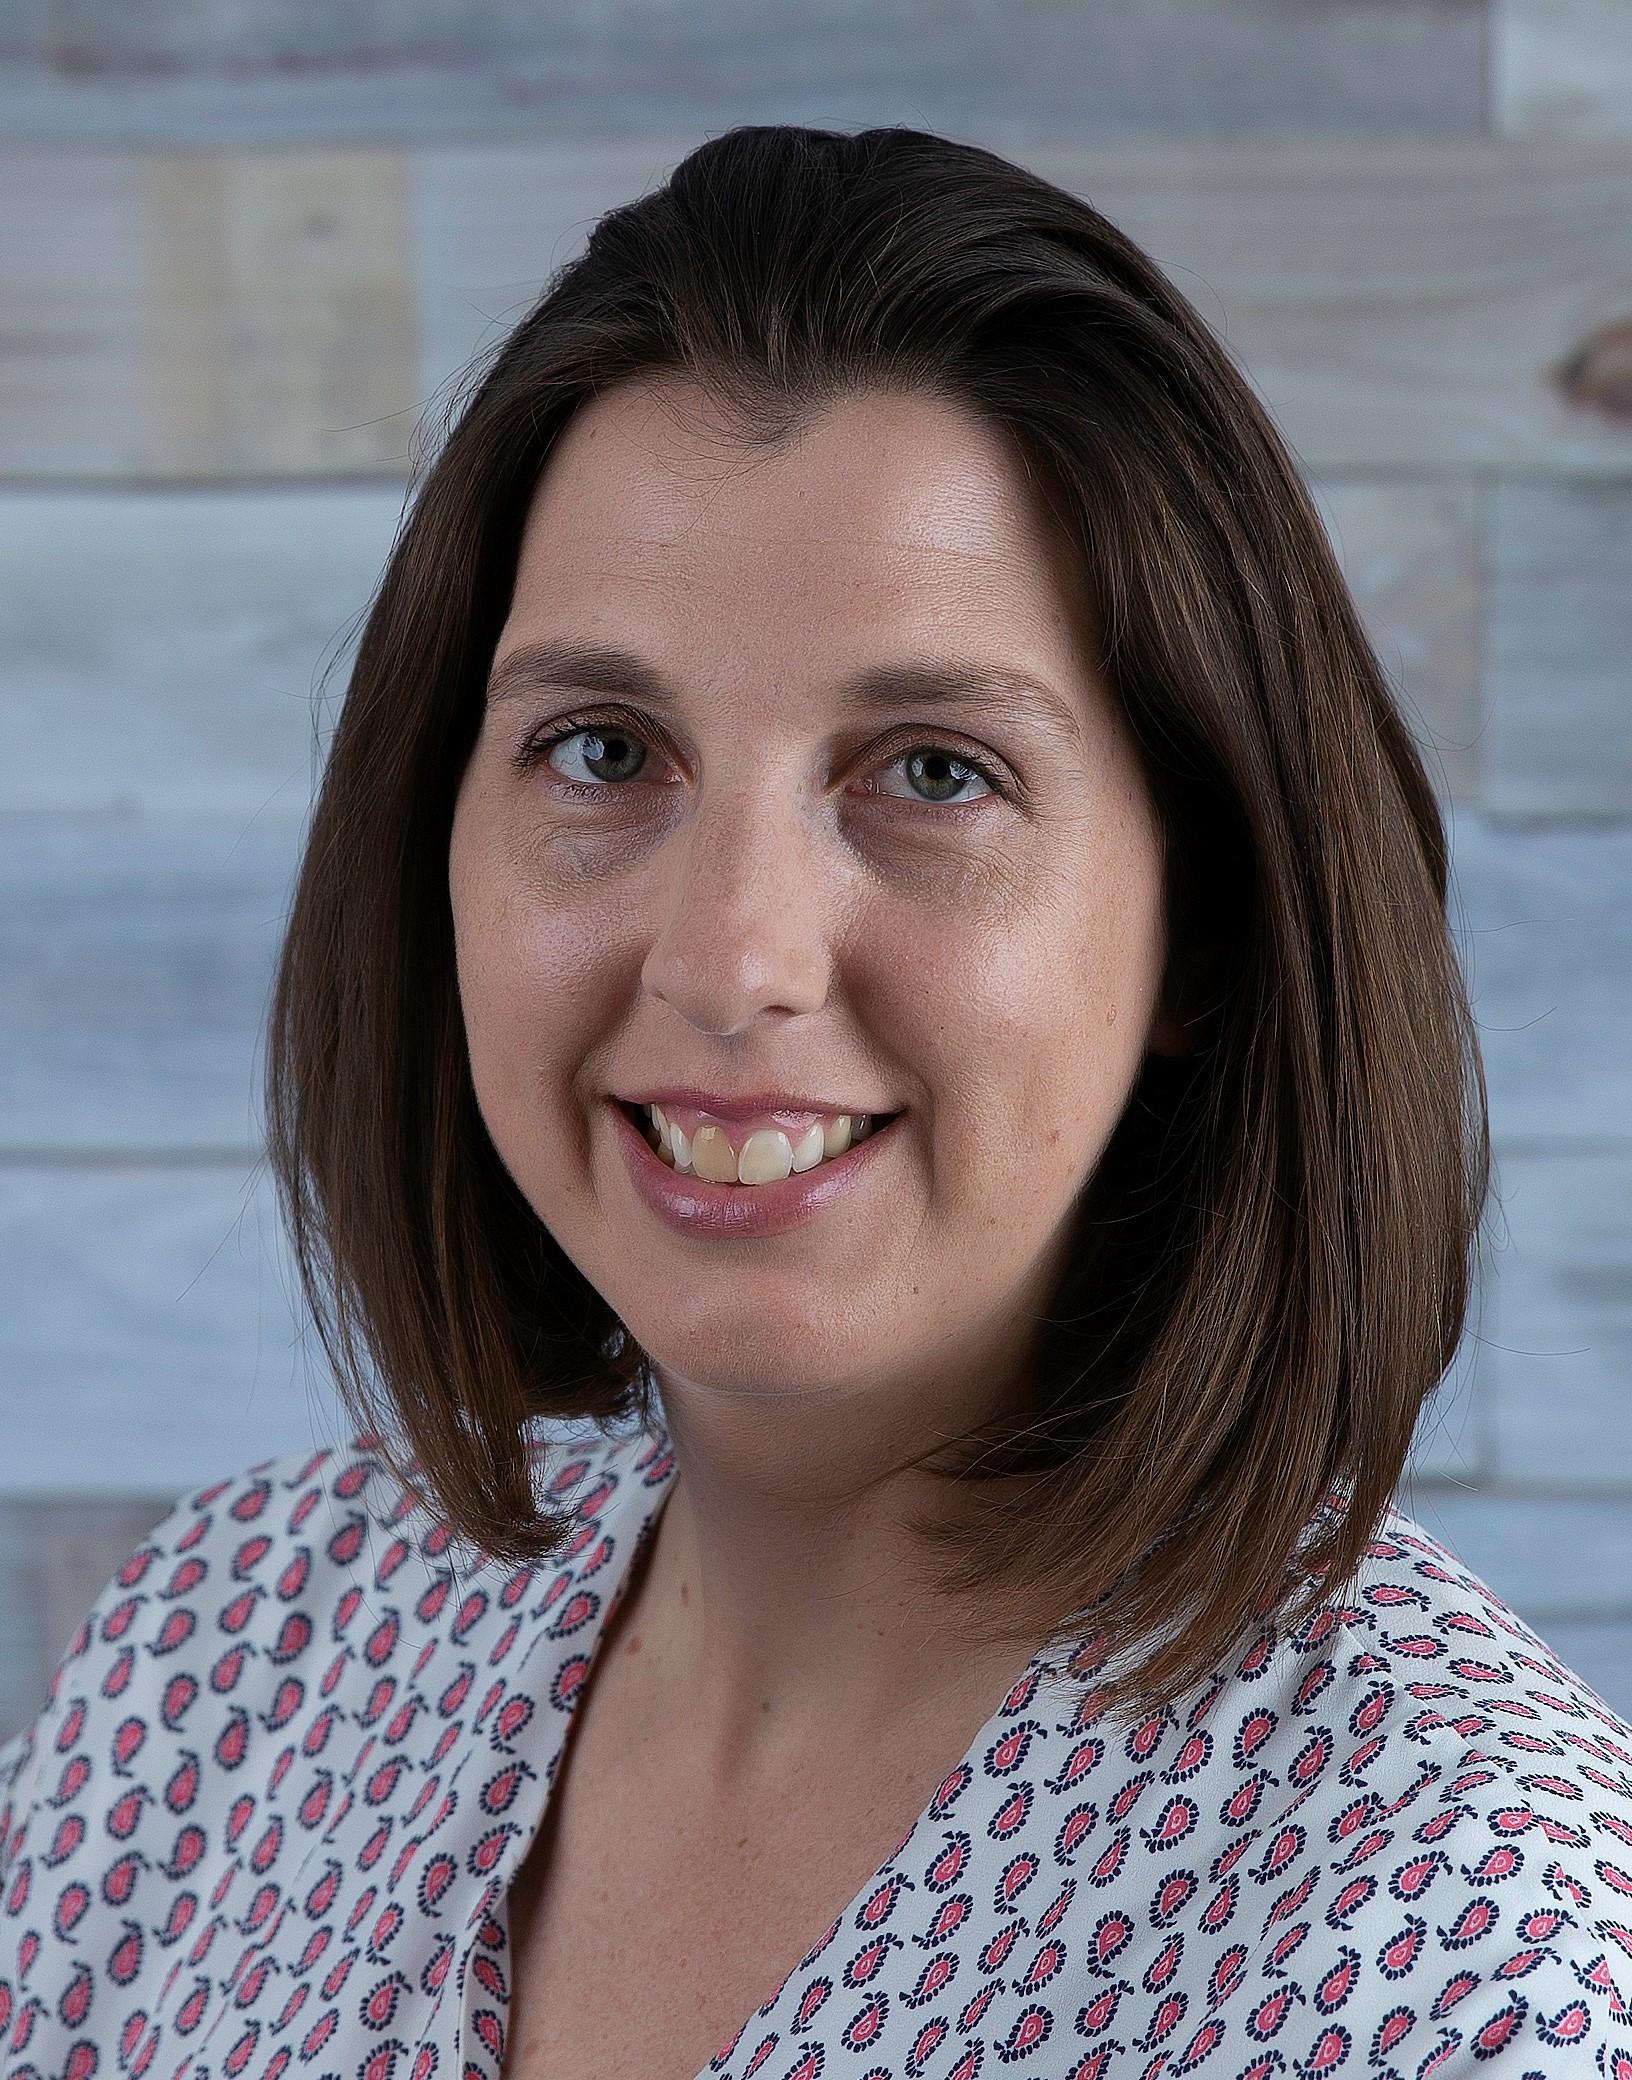 Melinda Van Haaften